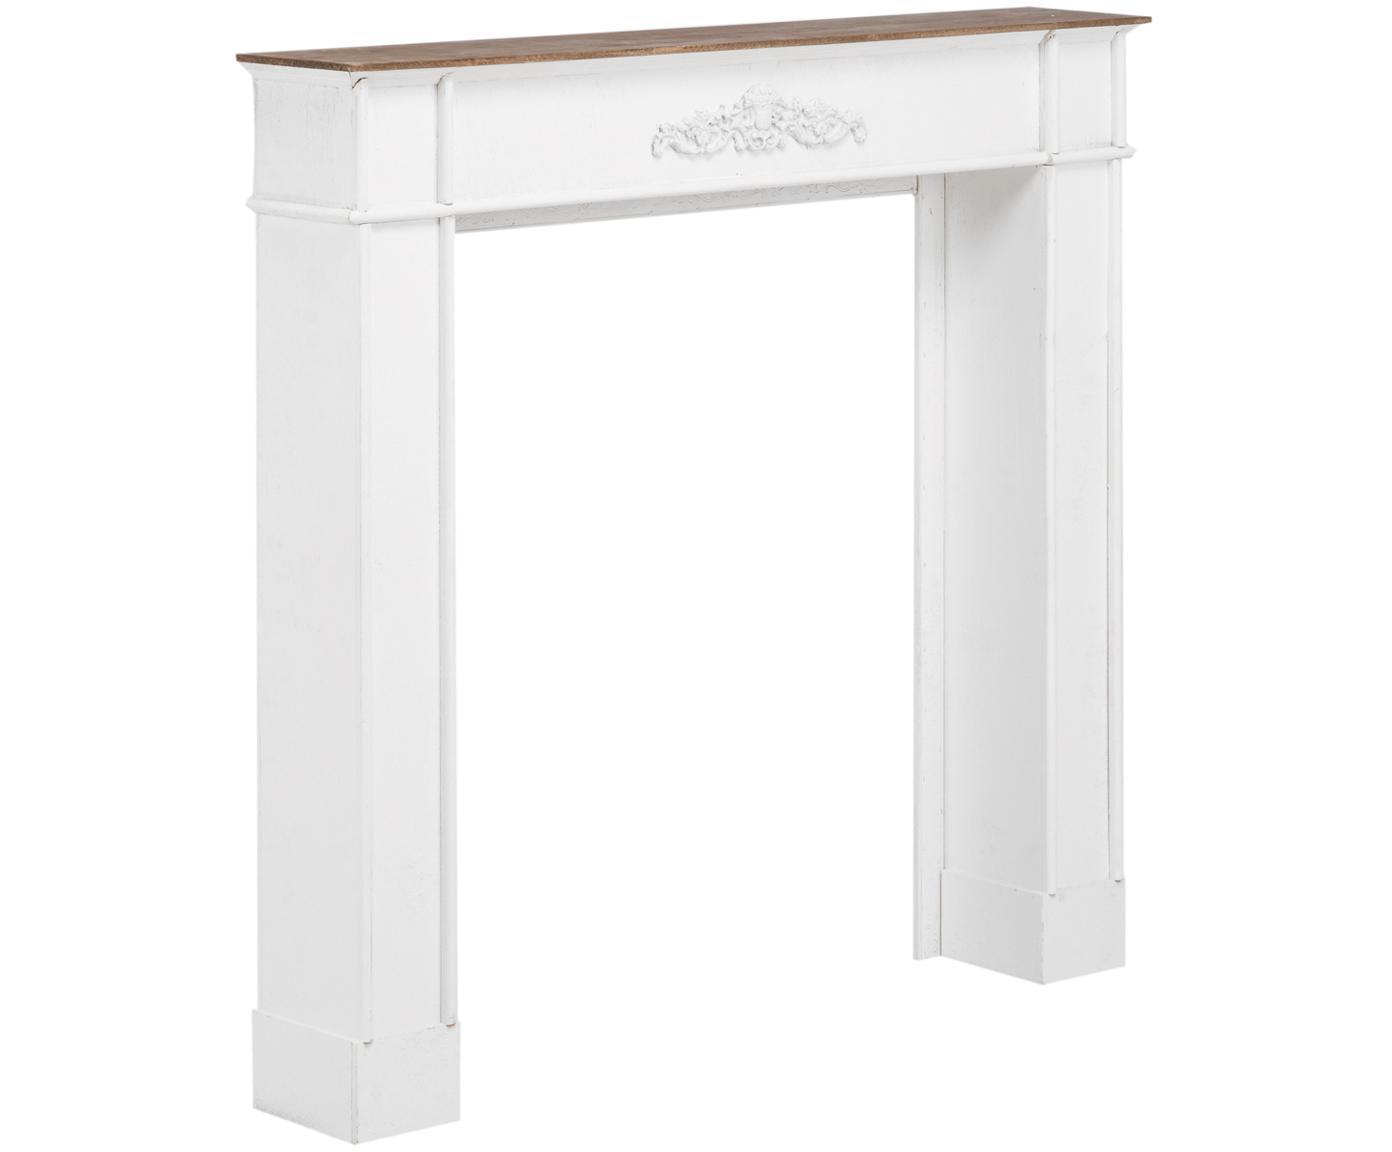 Consolle per caminetto bianca Fabienne, Pannello di fibra a media densità e legno di paulownia, verniciato, Bianco, Larg. 104 x Prof. 18 cm